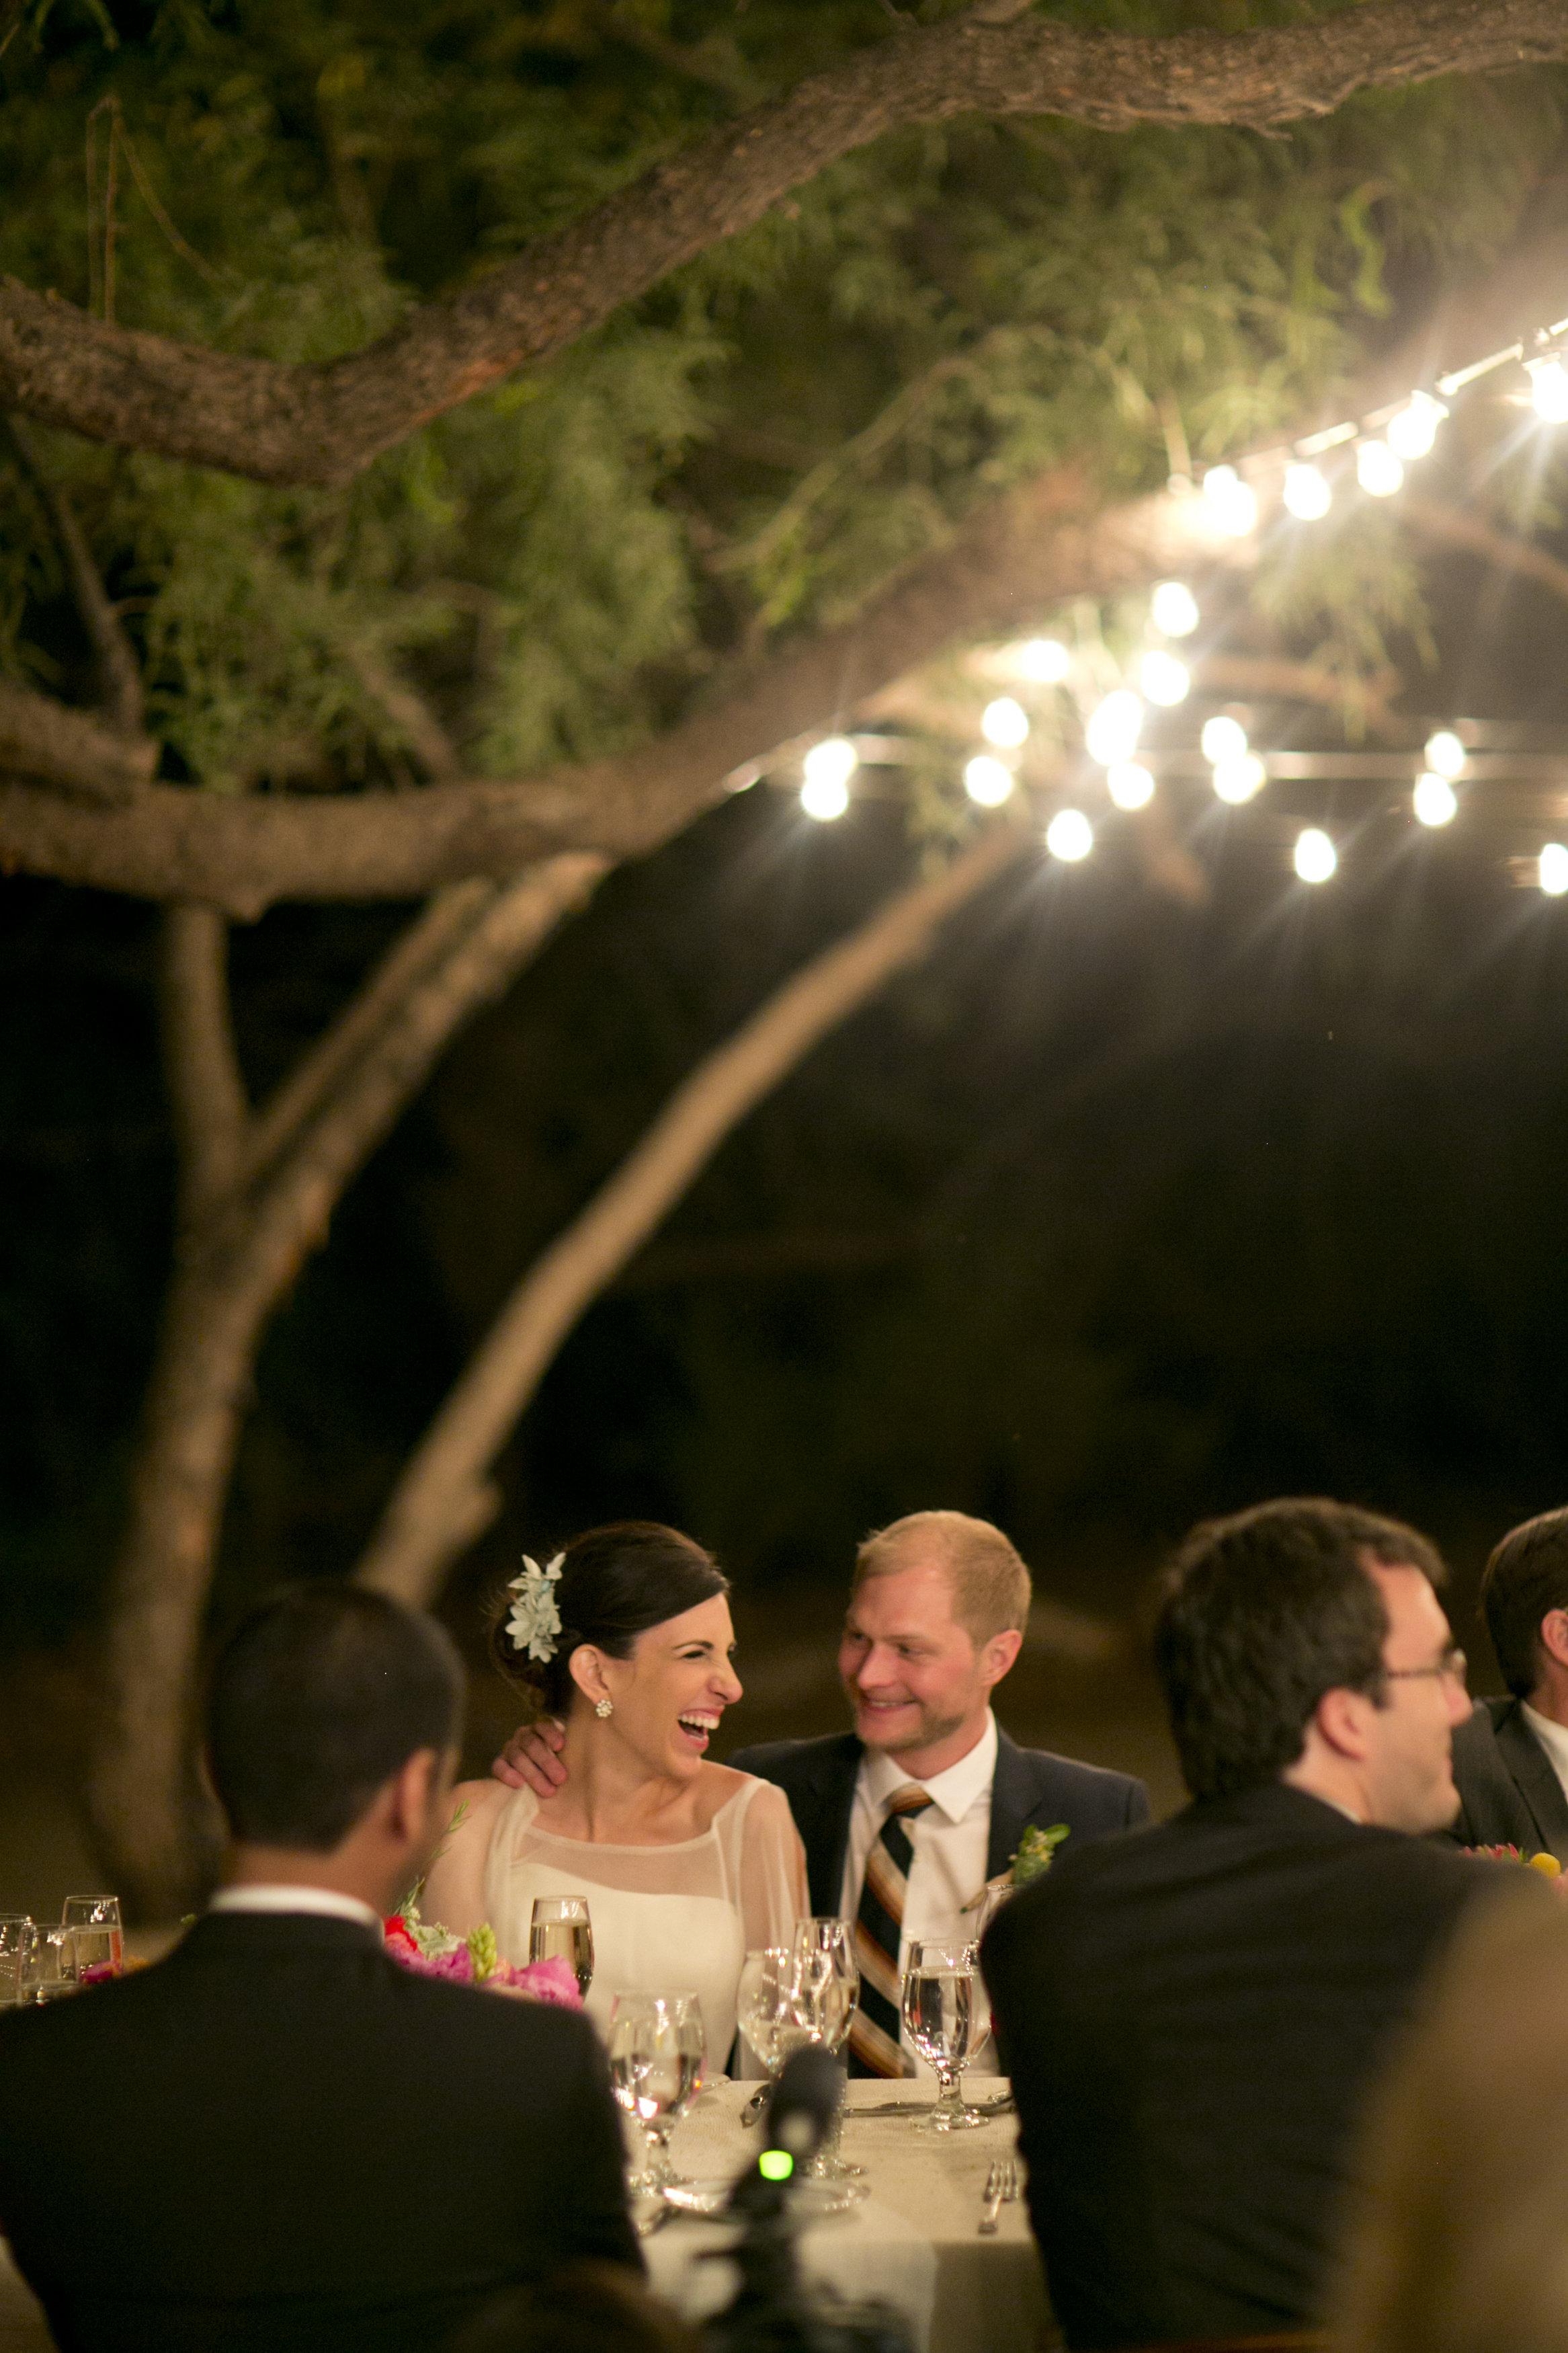 Ceci_New_York_Ceci_Style_Ceci_Johnson_Luxury_Lifestyle_Arizona_Wedding_Watercolor_Inspiration_Design_Custom_Couture_Personalized_Invitations_192.jpg